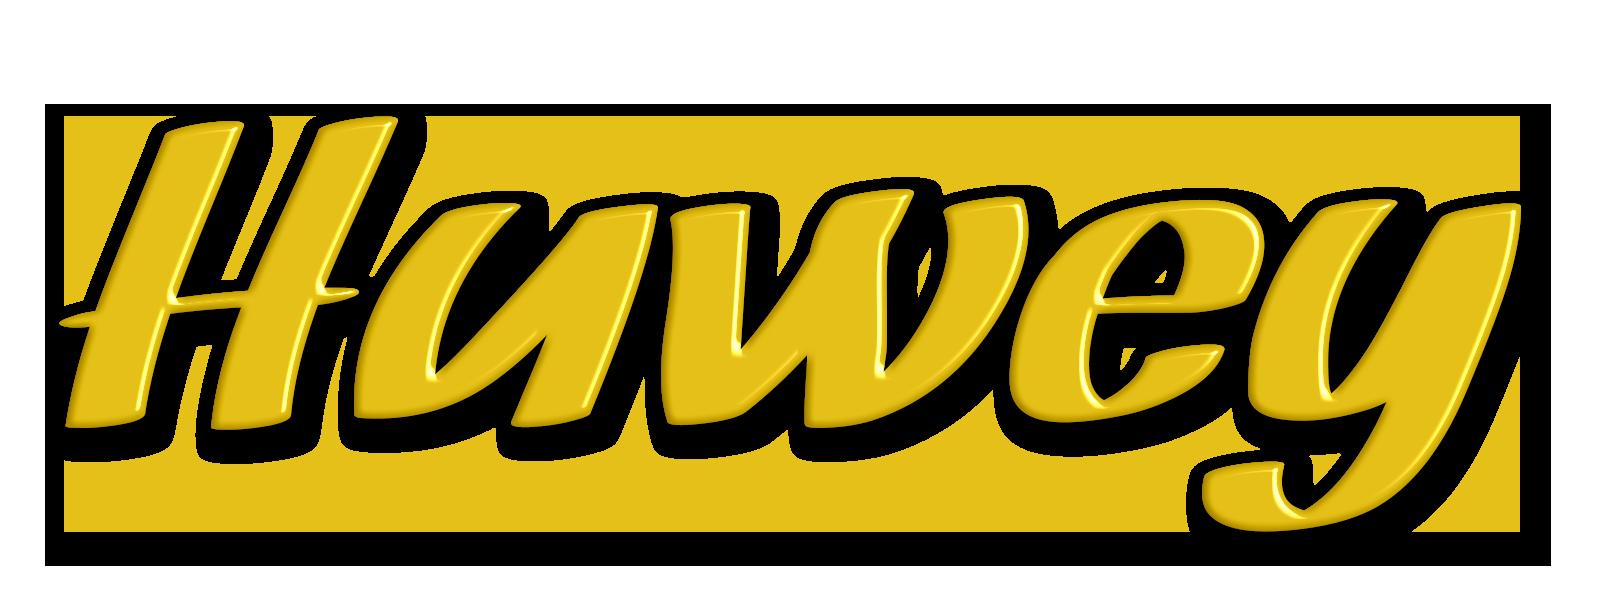 huwey.com